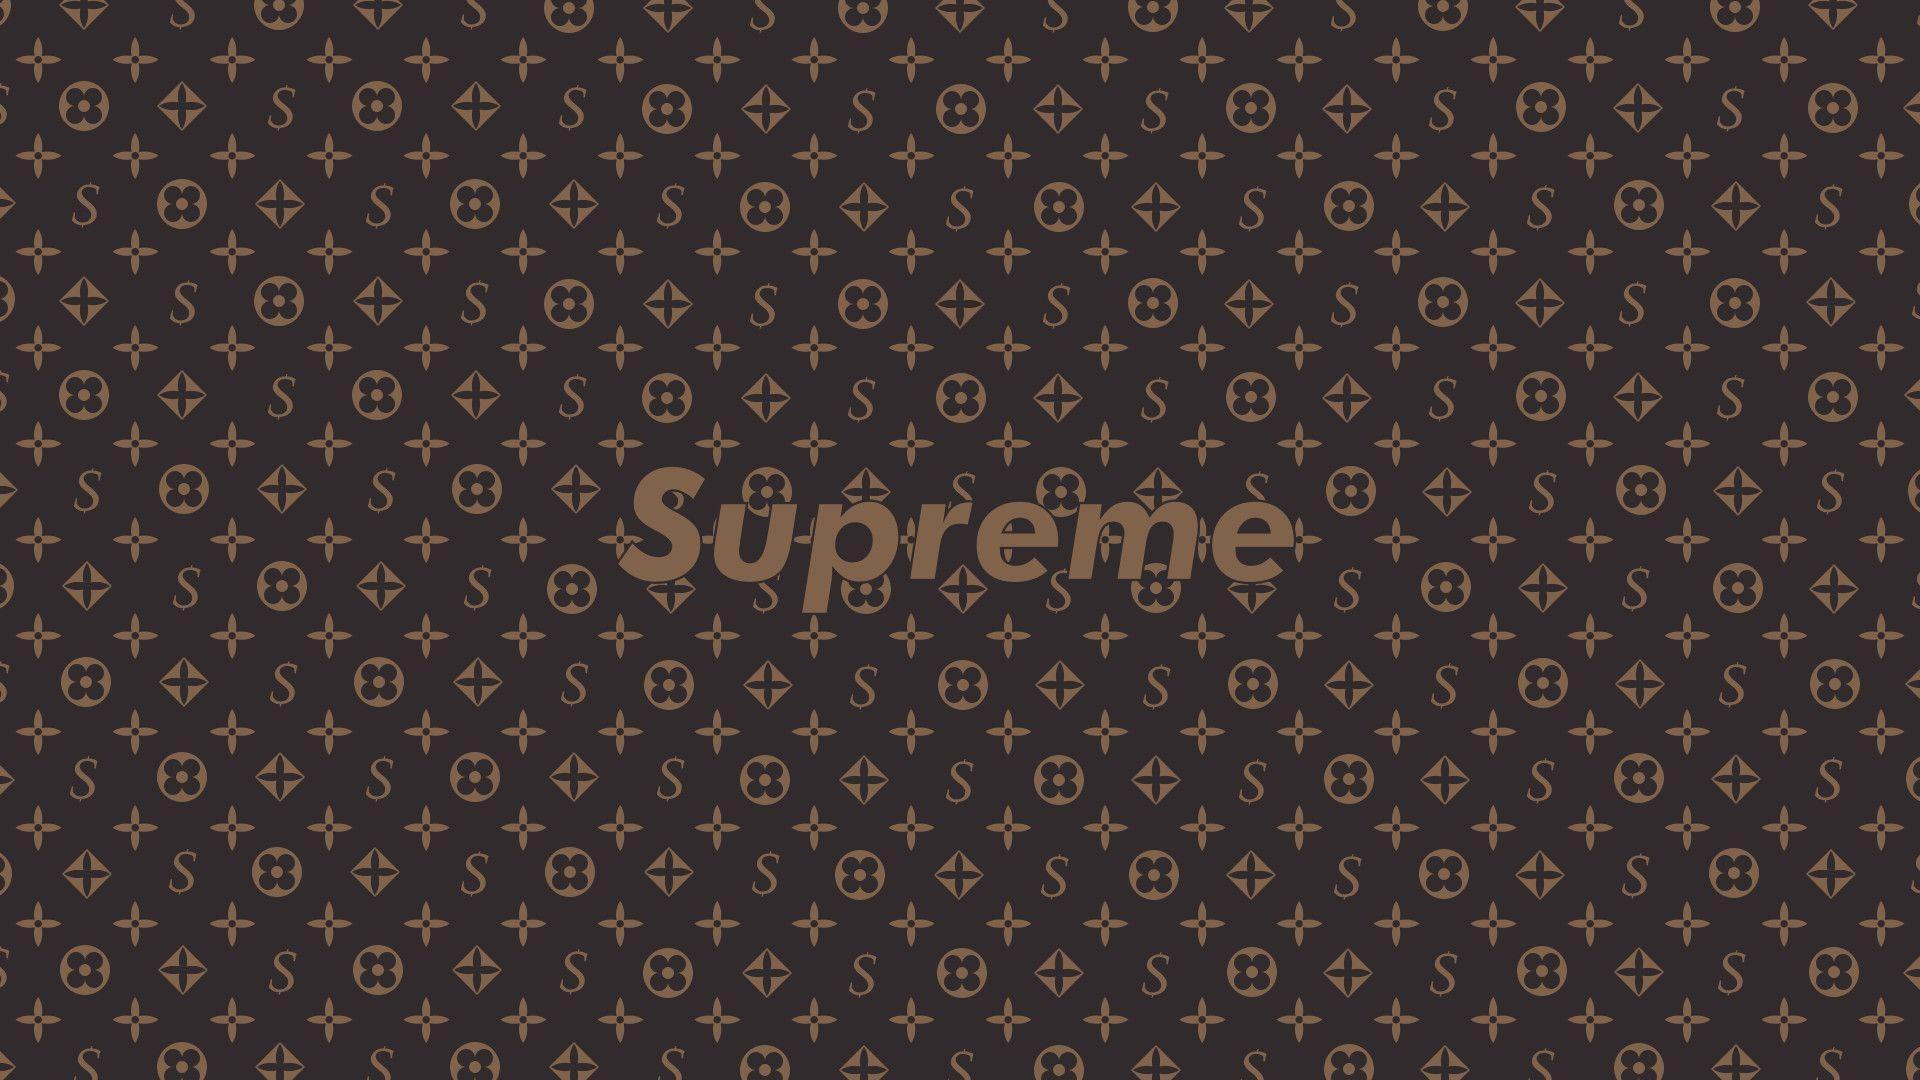 Supreme X Louis Vuitton Wallpapers Top Free Supreme X Louis